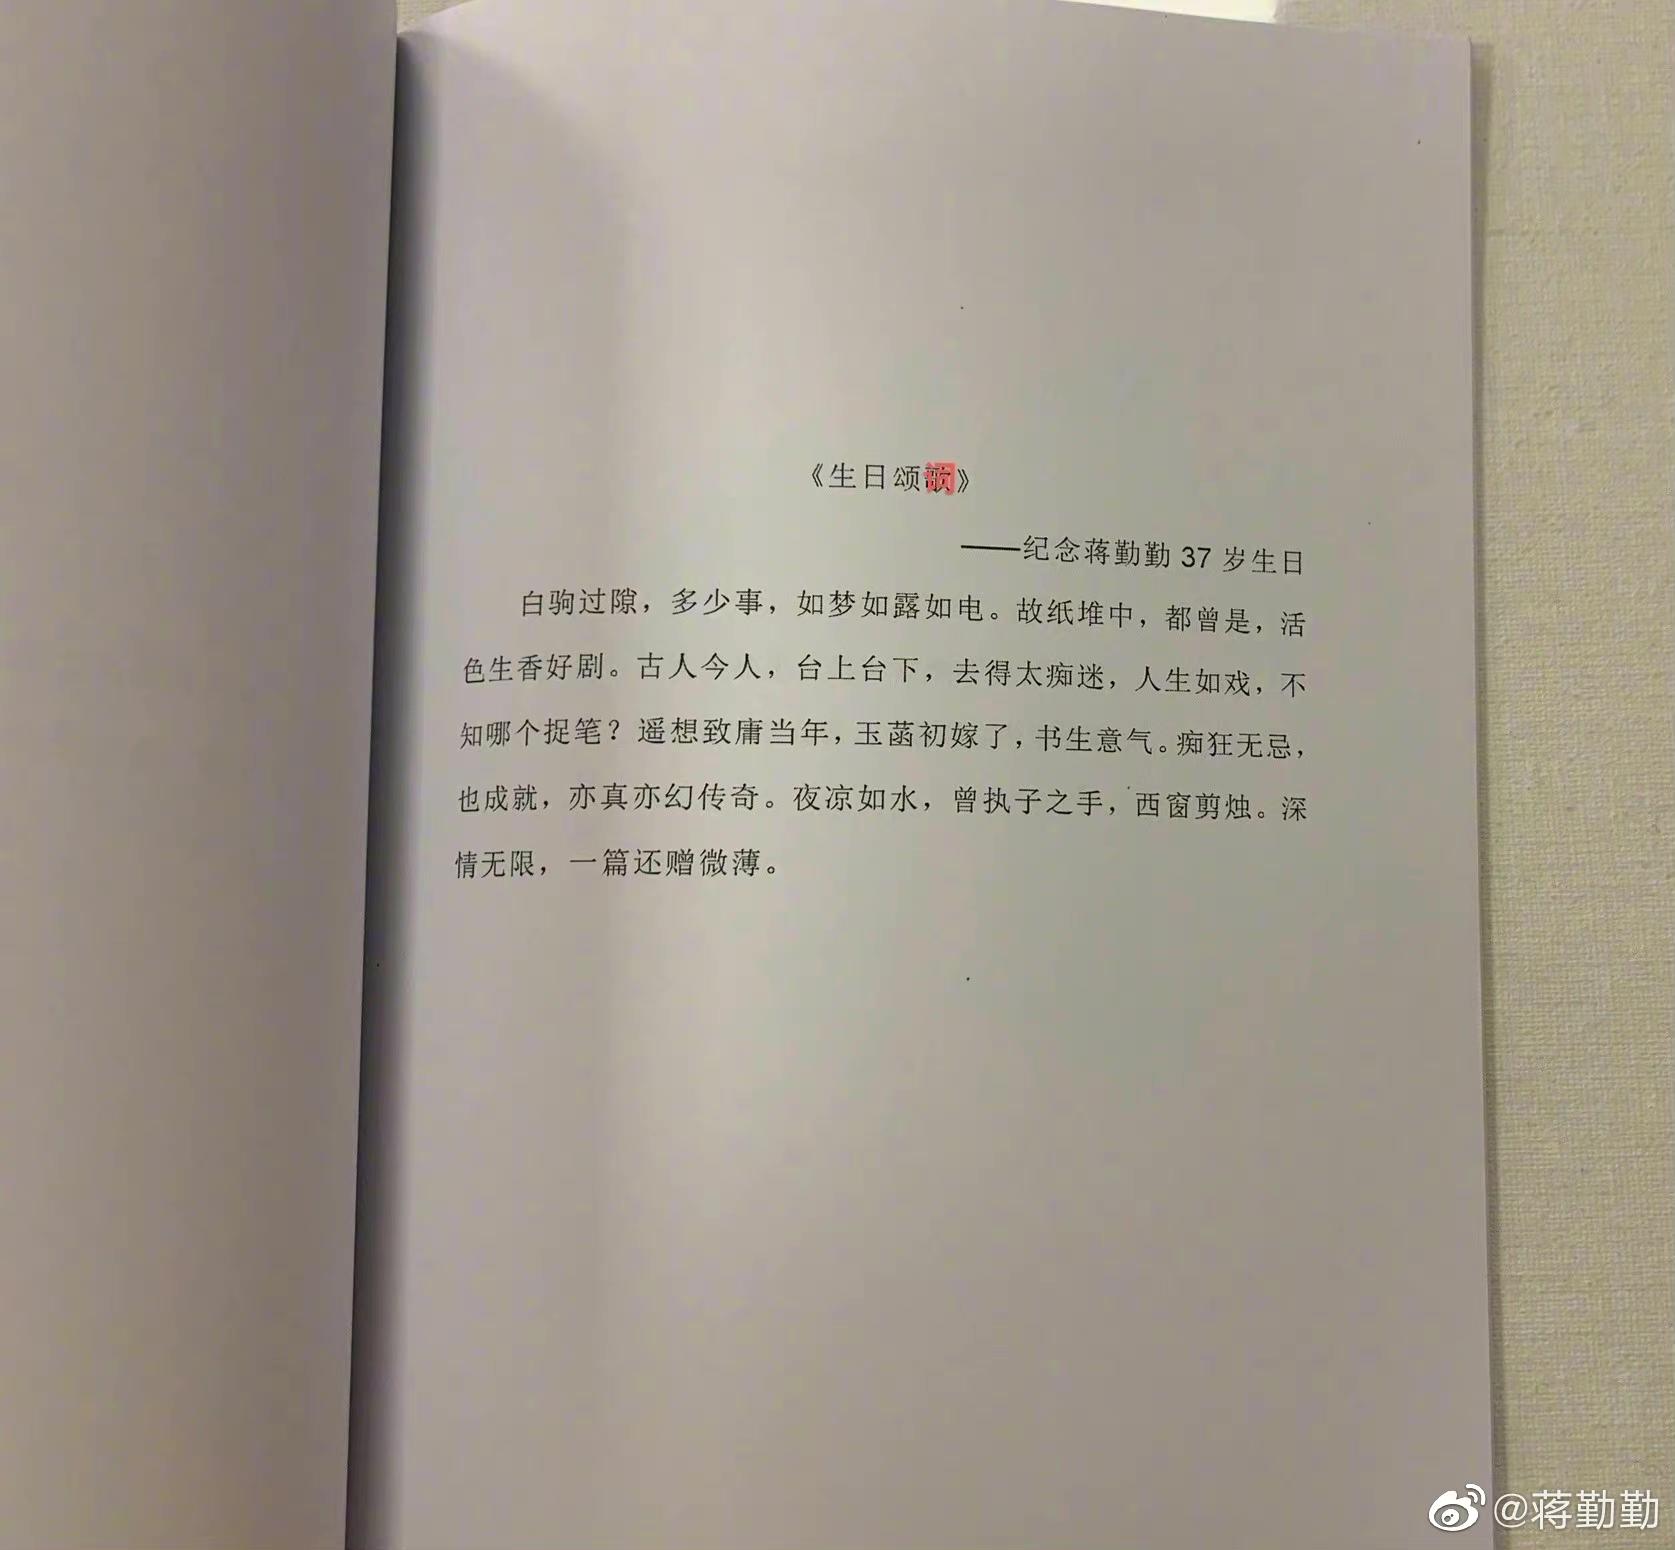 """陈建斌送诗集给去""""浪漫旅行""""的蒋勤勤,遭吐槽:错别字太多"""